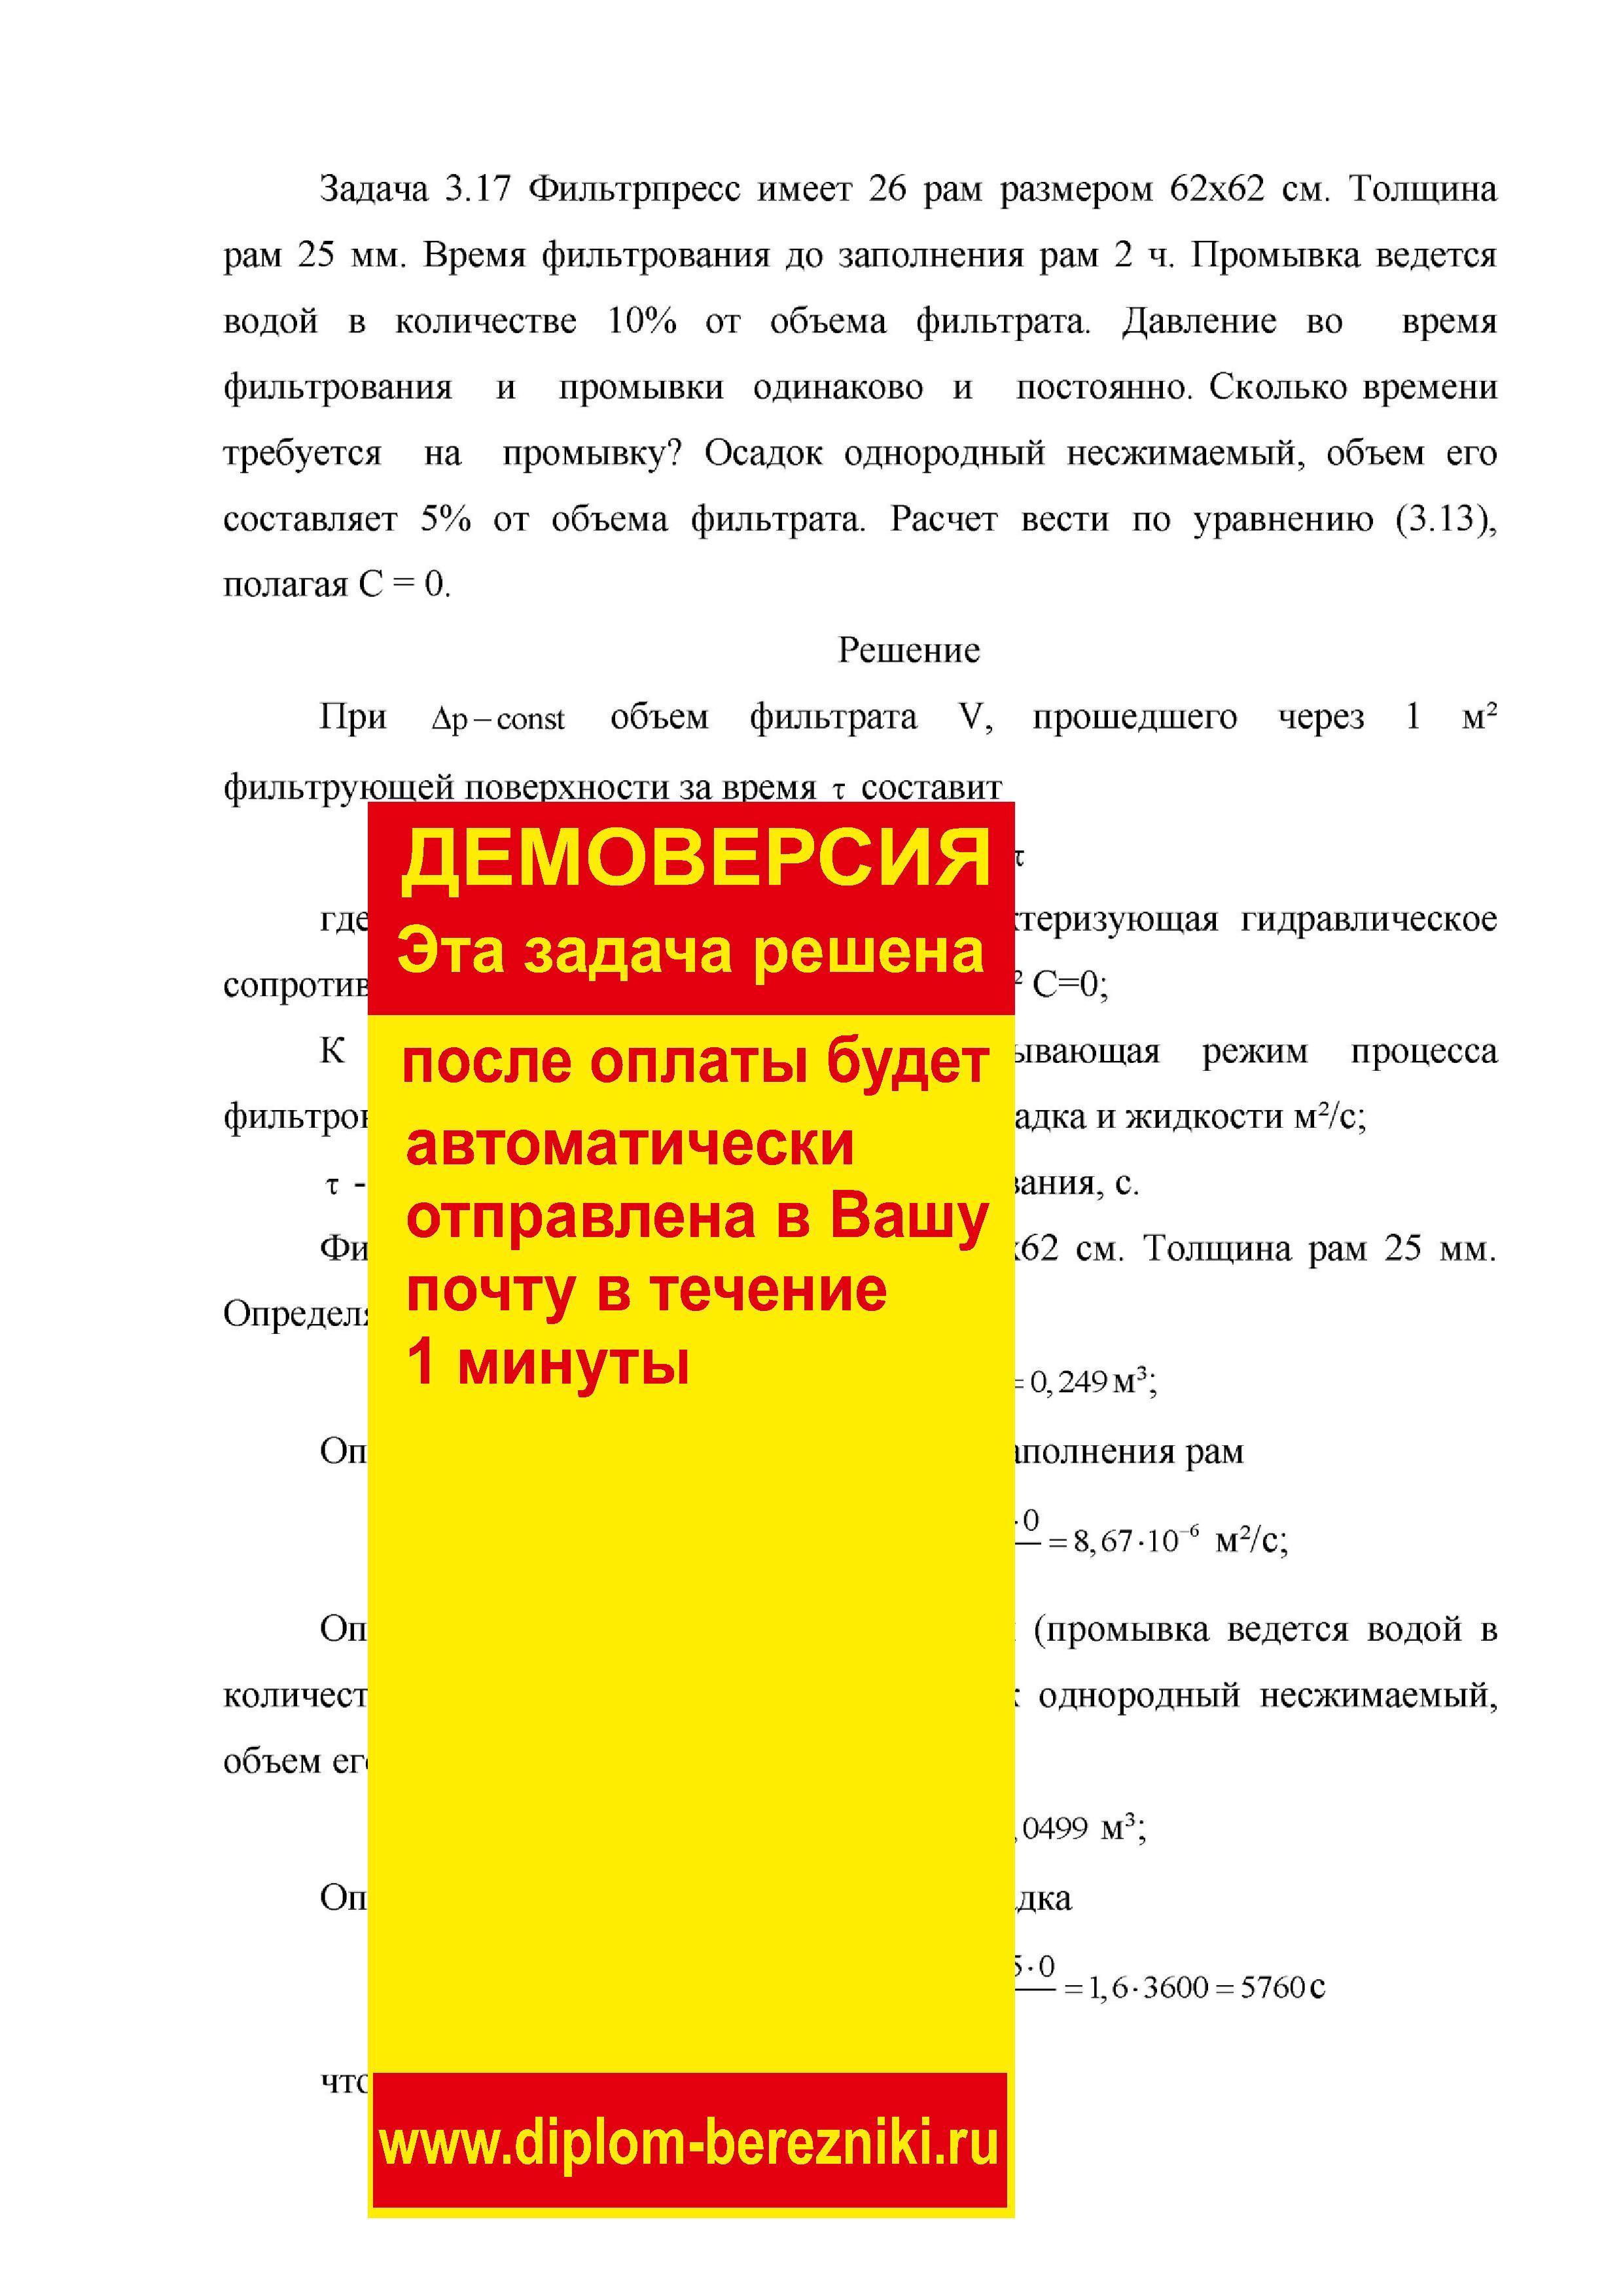 Решение задачи 3.17 по ПАХТ из задачника Павлова Романкова Носкова